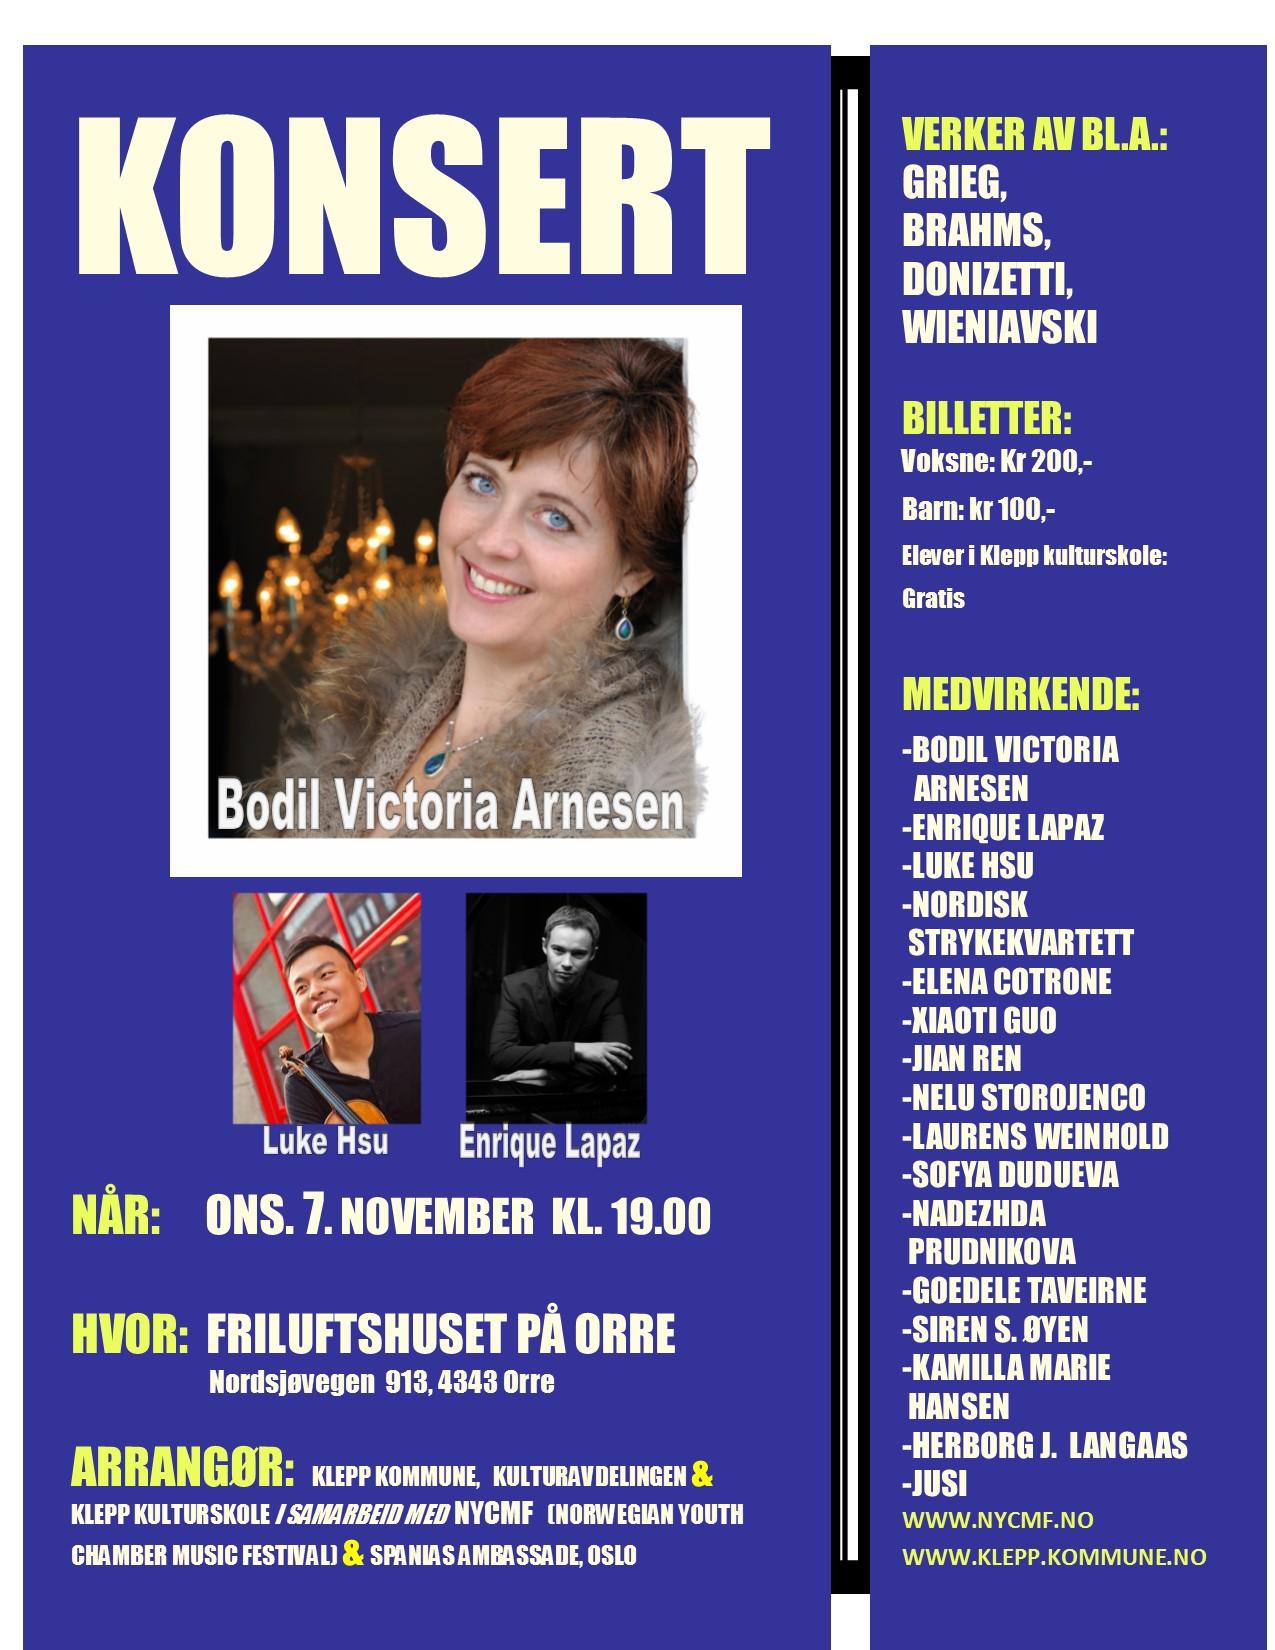 Konsert plakat 07 11 18. KORREKT 171018.jpg